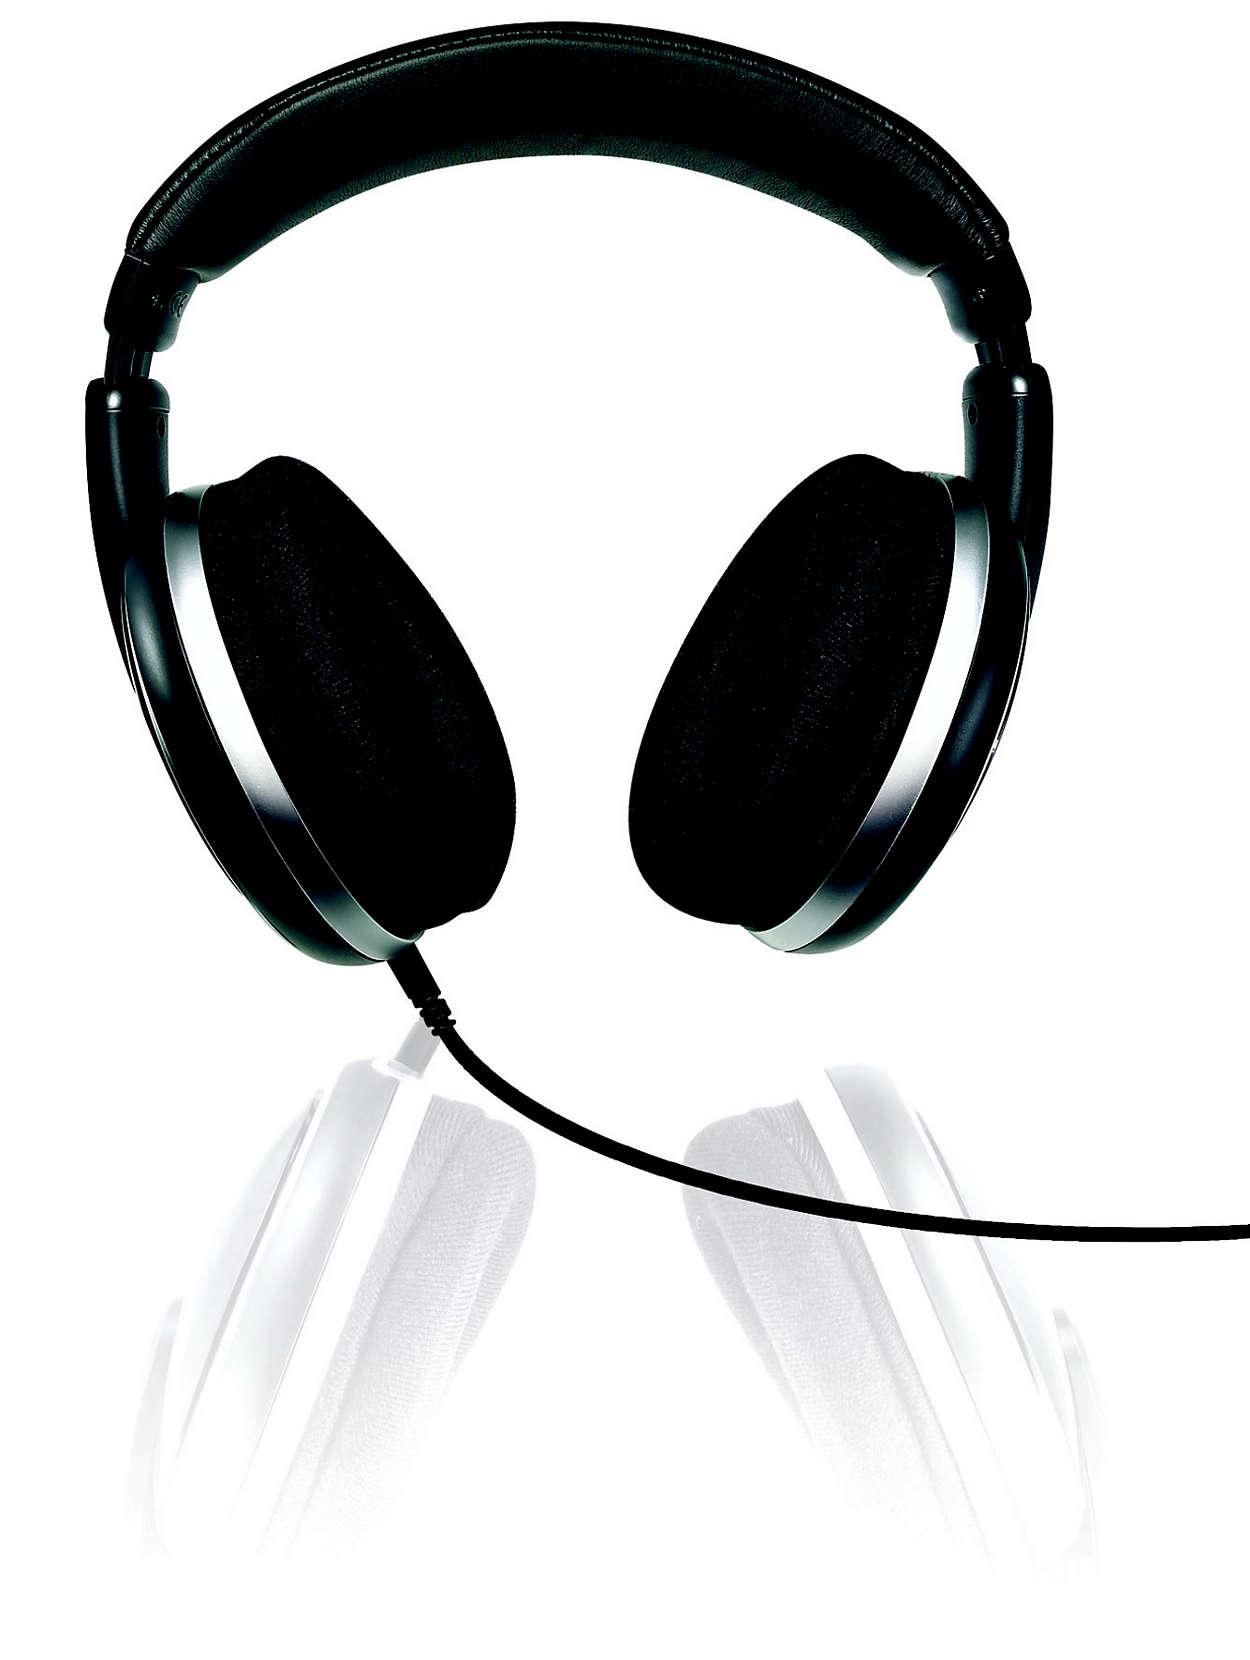 Rendimiento de sonido Hi-Fi dinámico